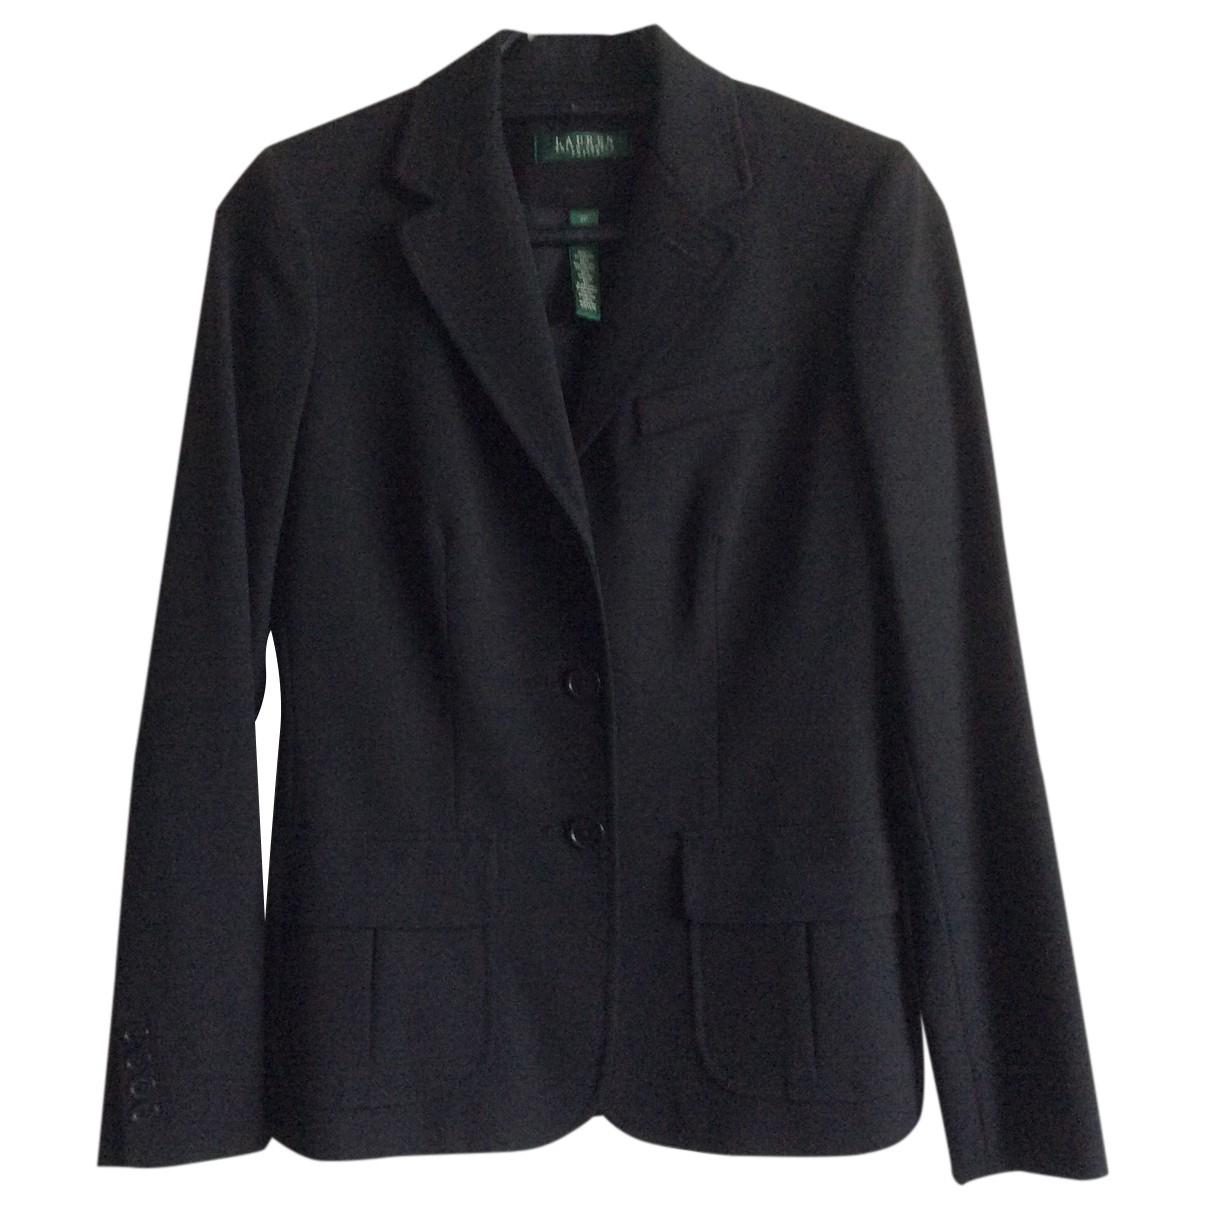 Lauren Ralph Lauren N Black Cotton jacket for Women 4 US